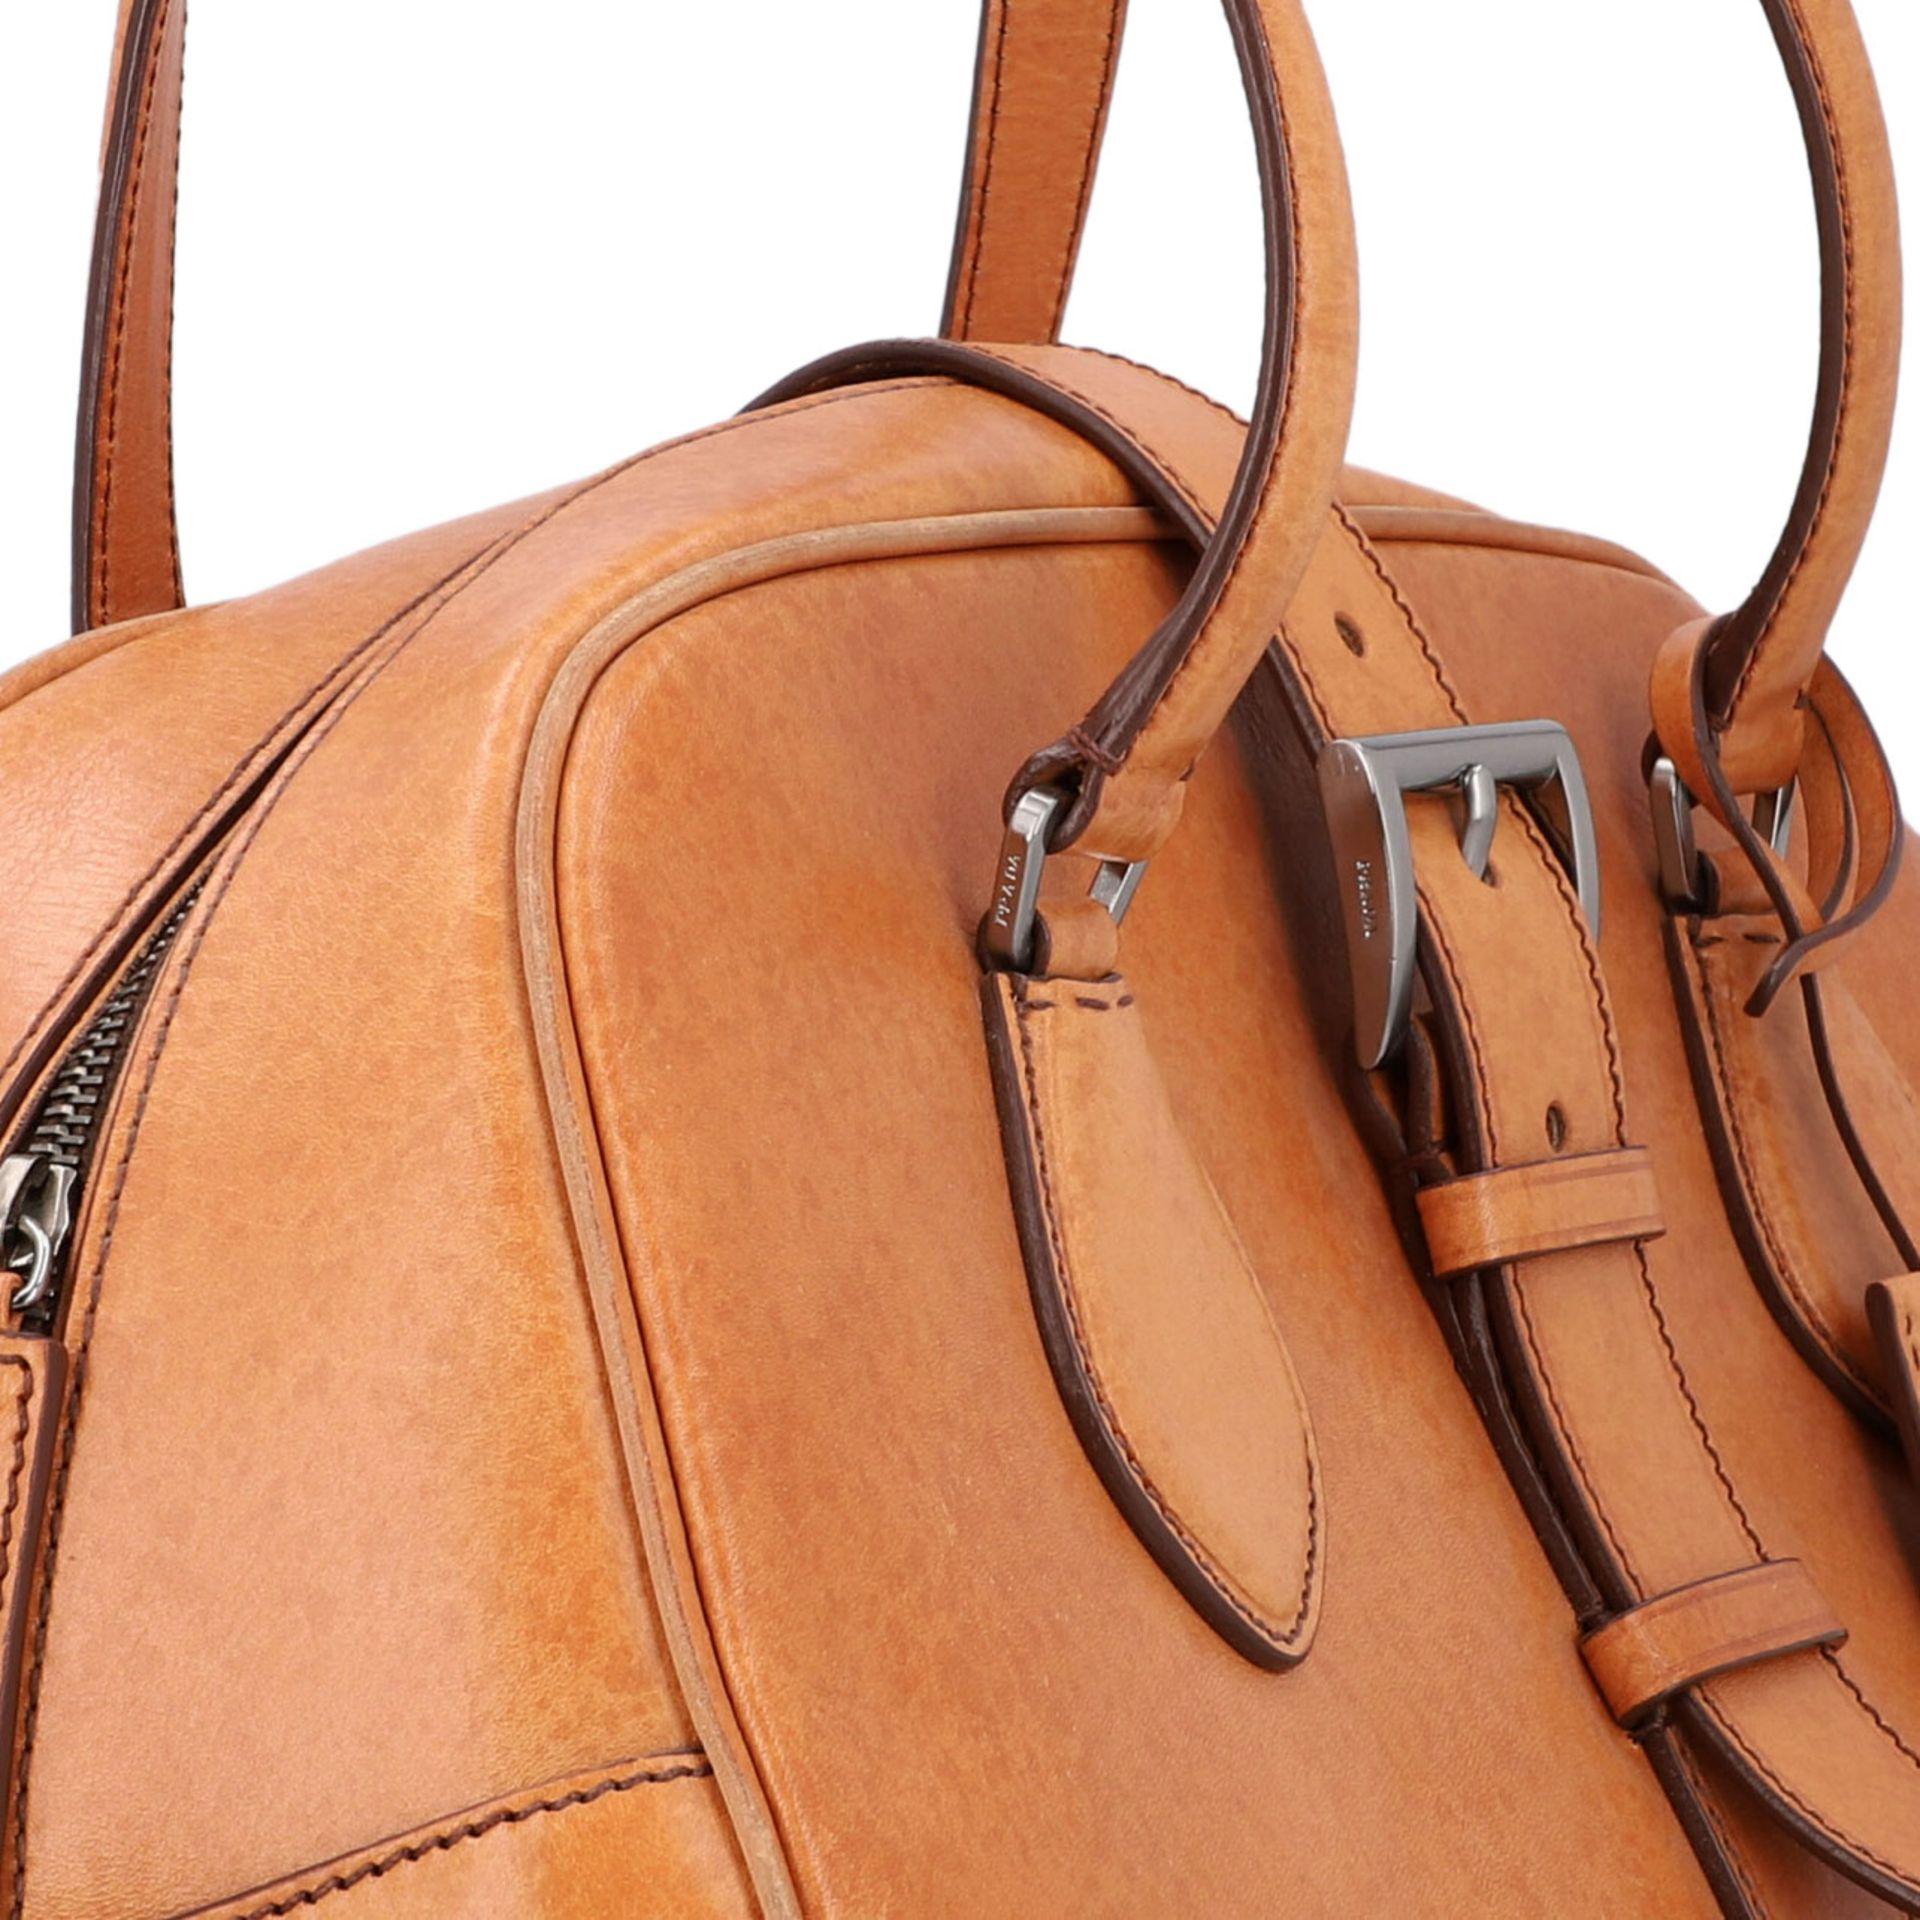 PRADA Handtasche. Glattleder in Beige mit silberfarbener Hardware, stabiles Modell mit - Image 8 of 8